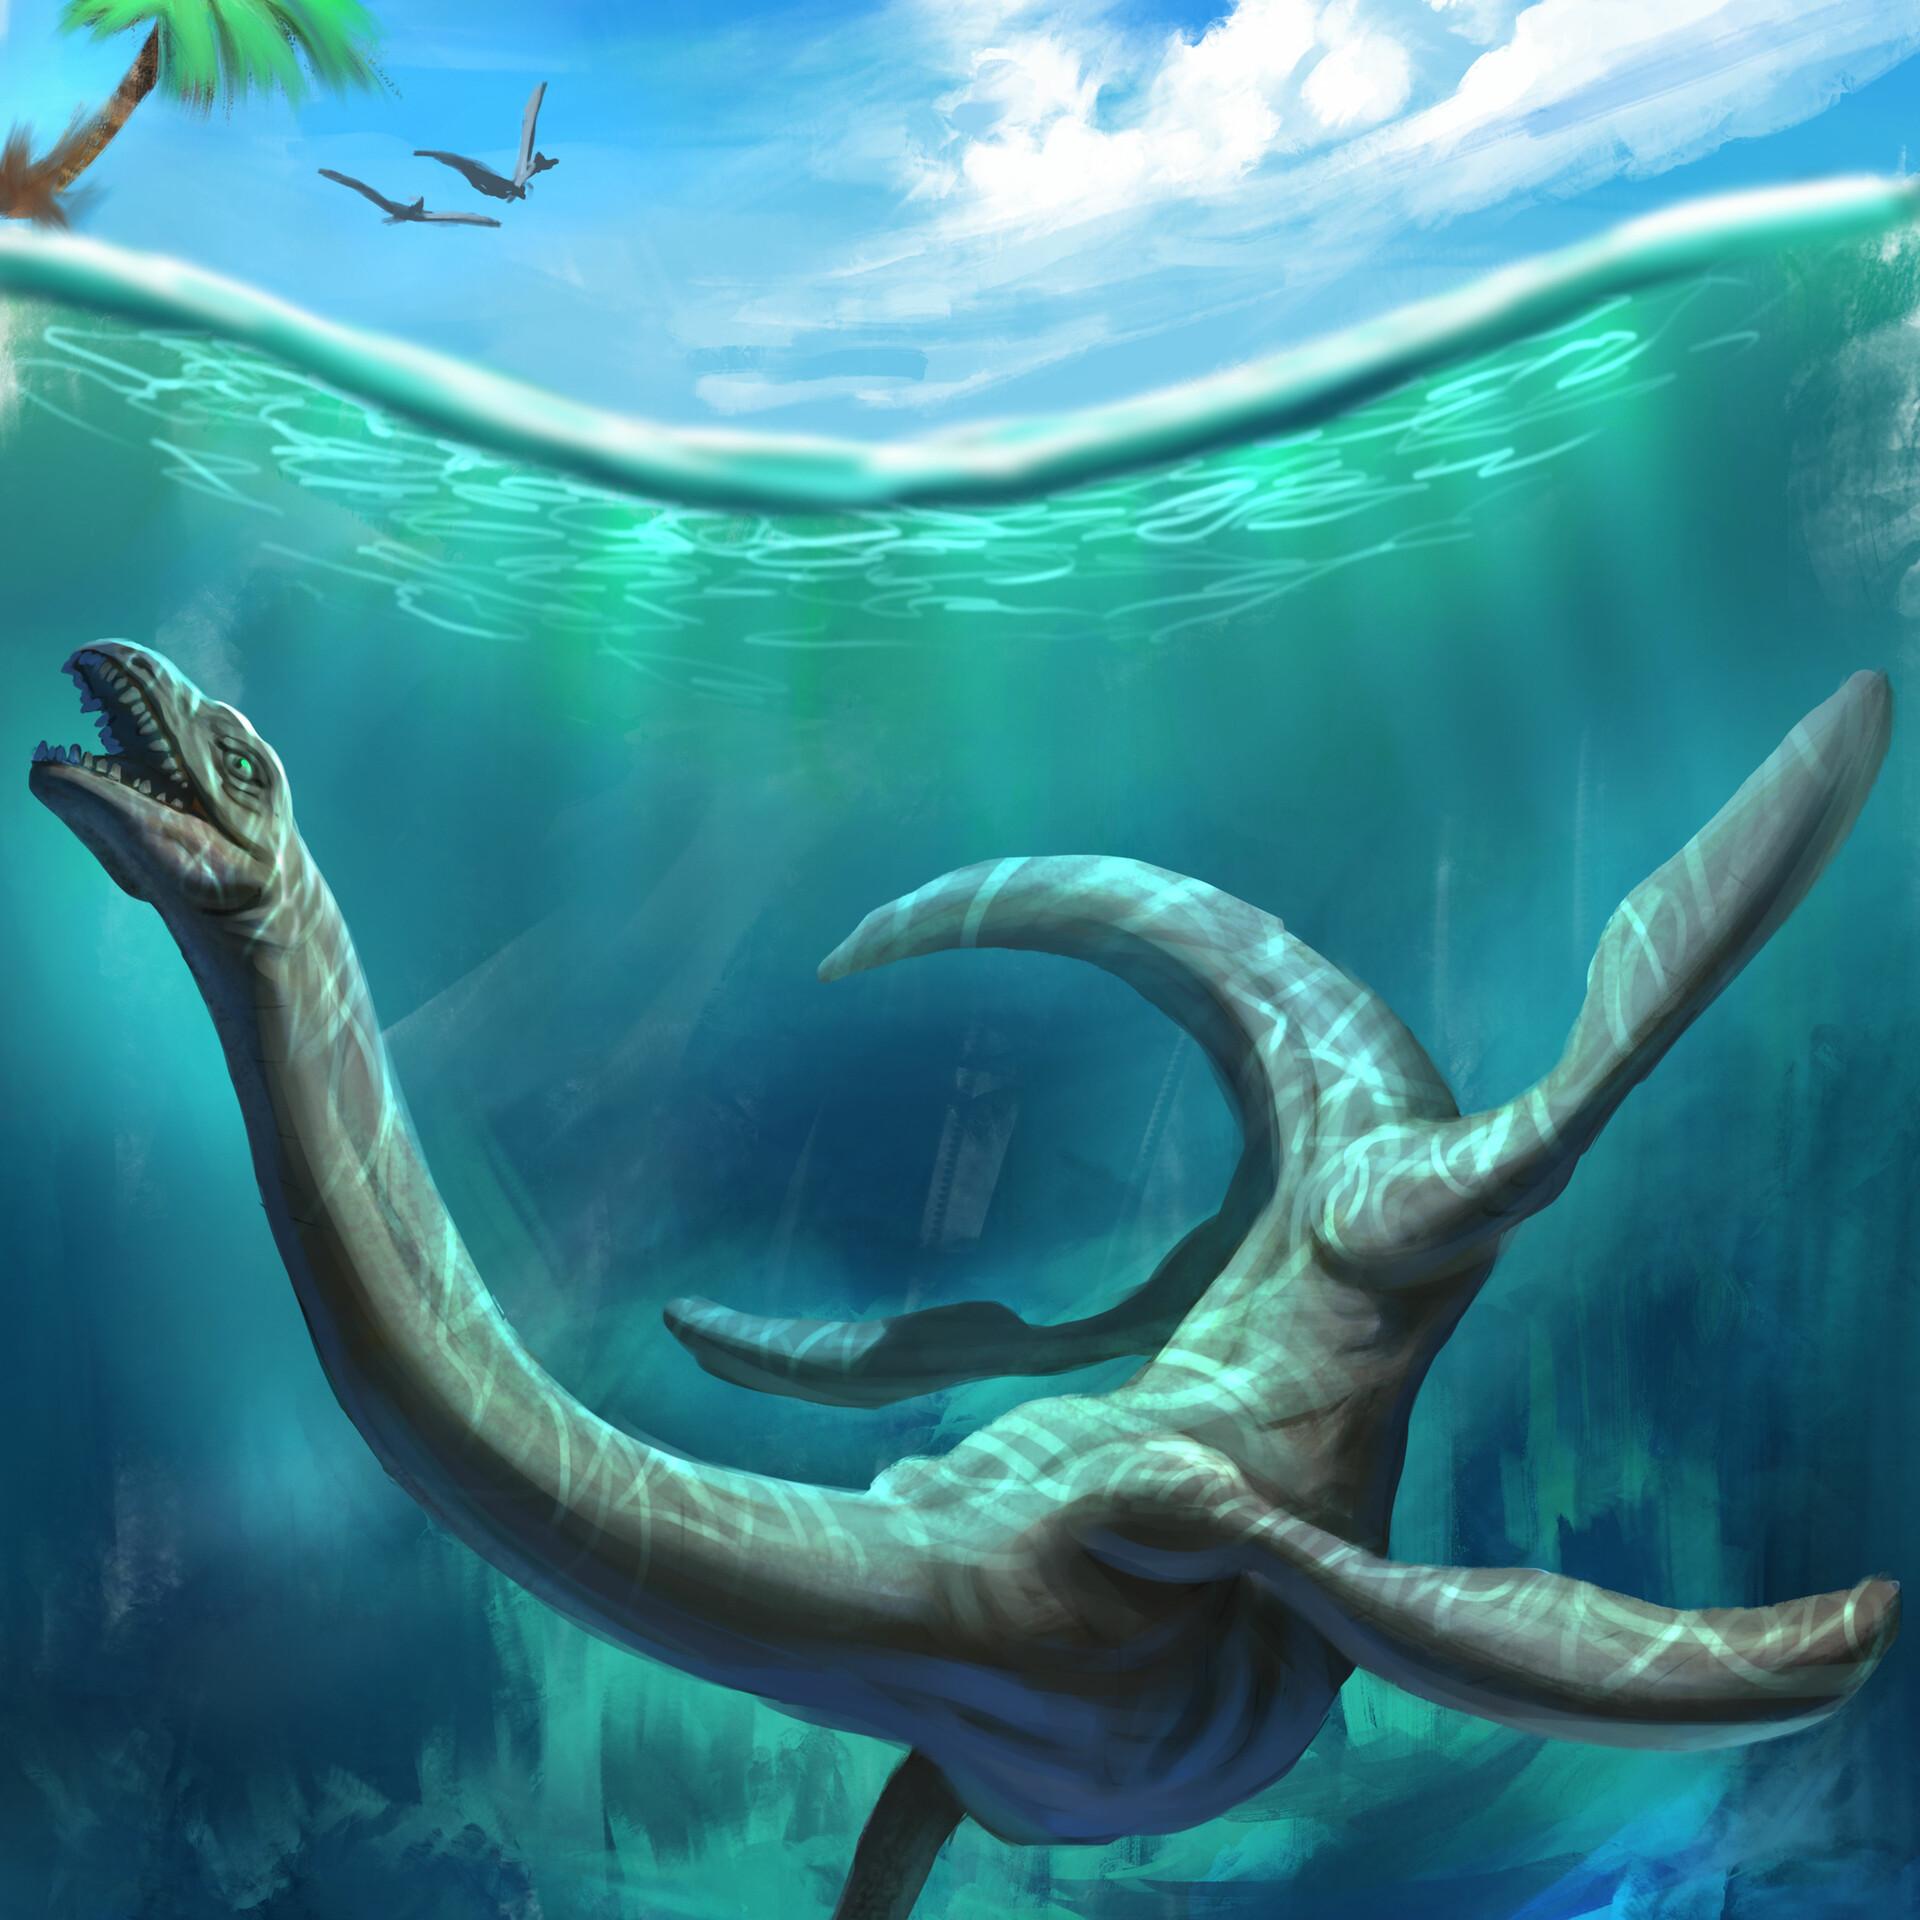 девочки, только картинки водяной динозавров этом чуть ранее